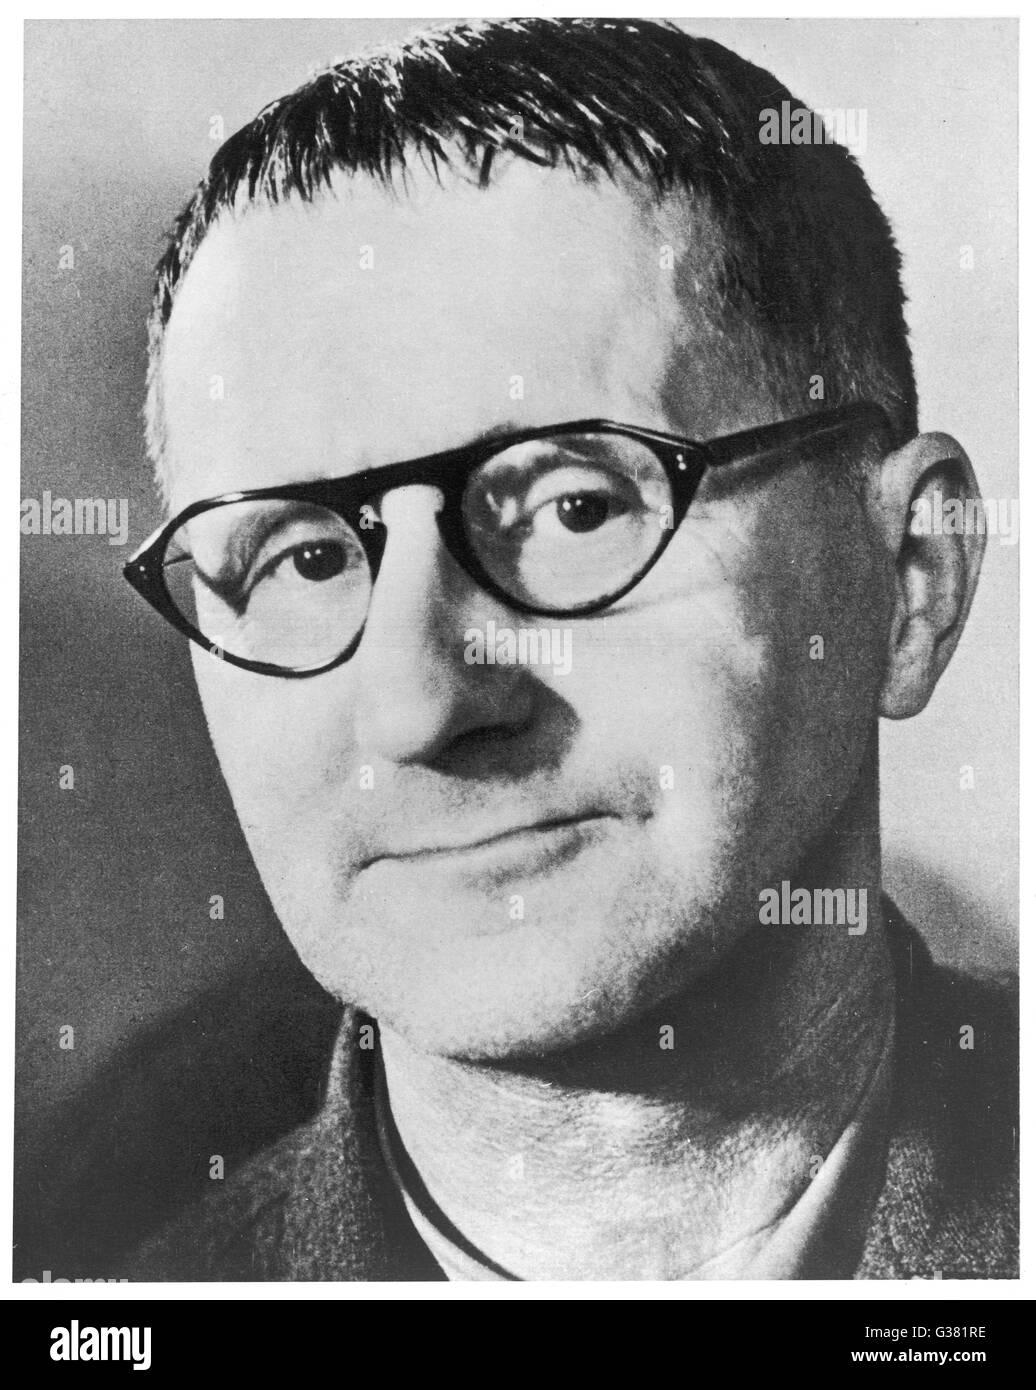 BERTOLT BRECHT  German writer        Date: 1898-1956 Stock Photo